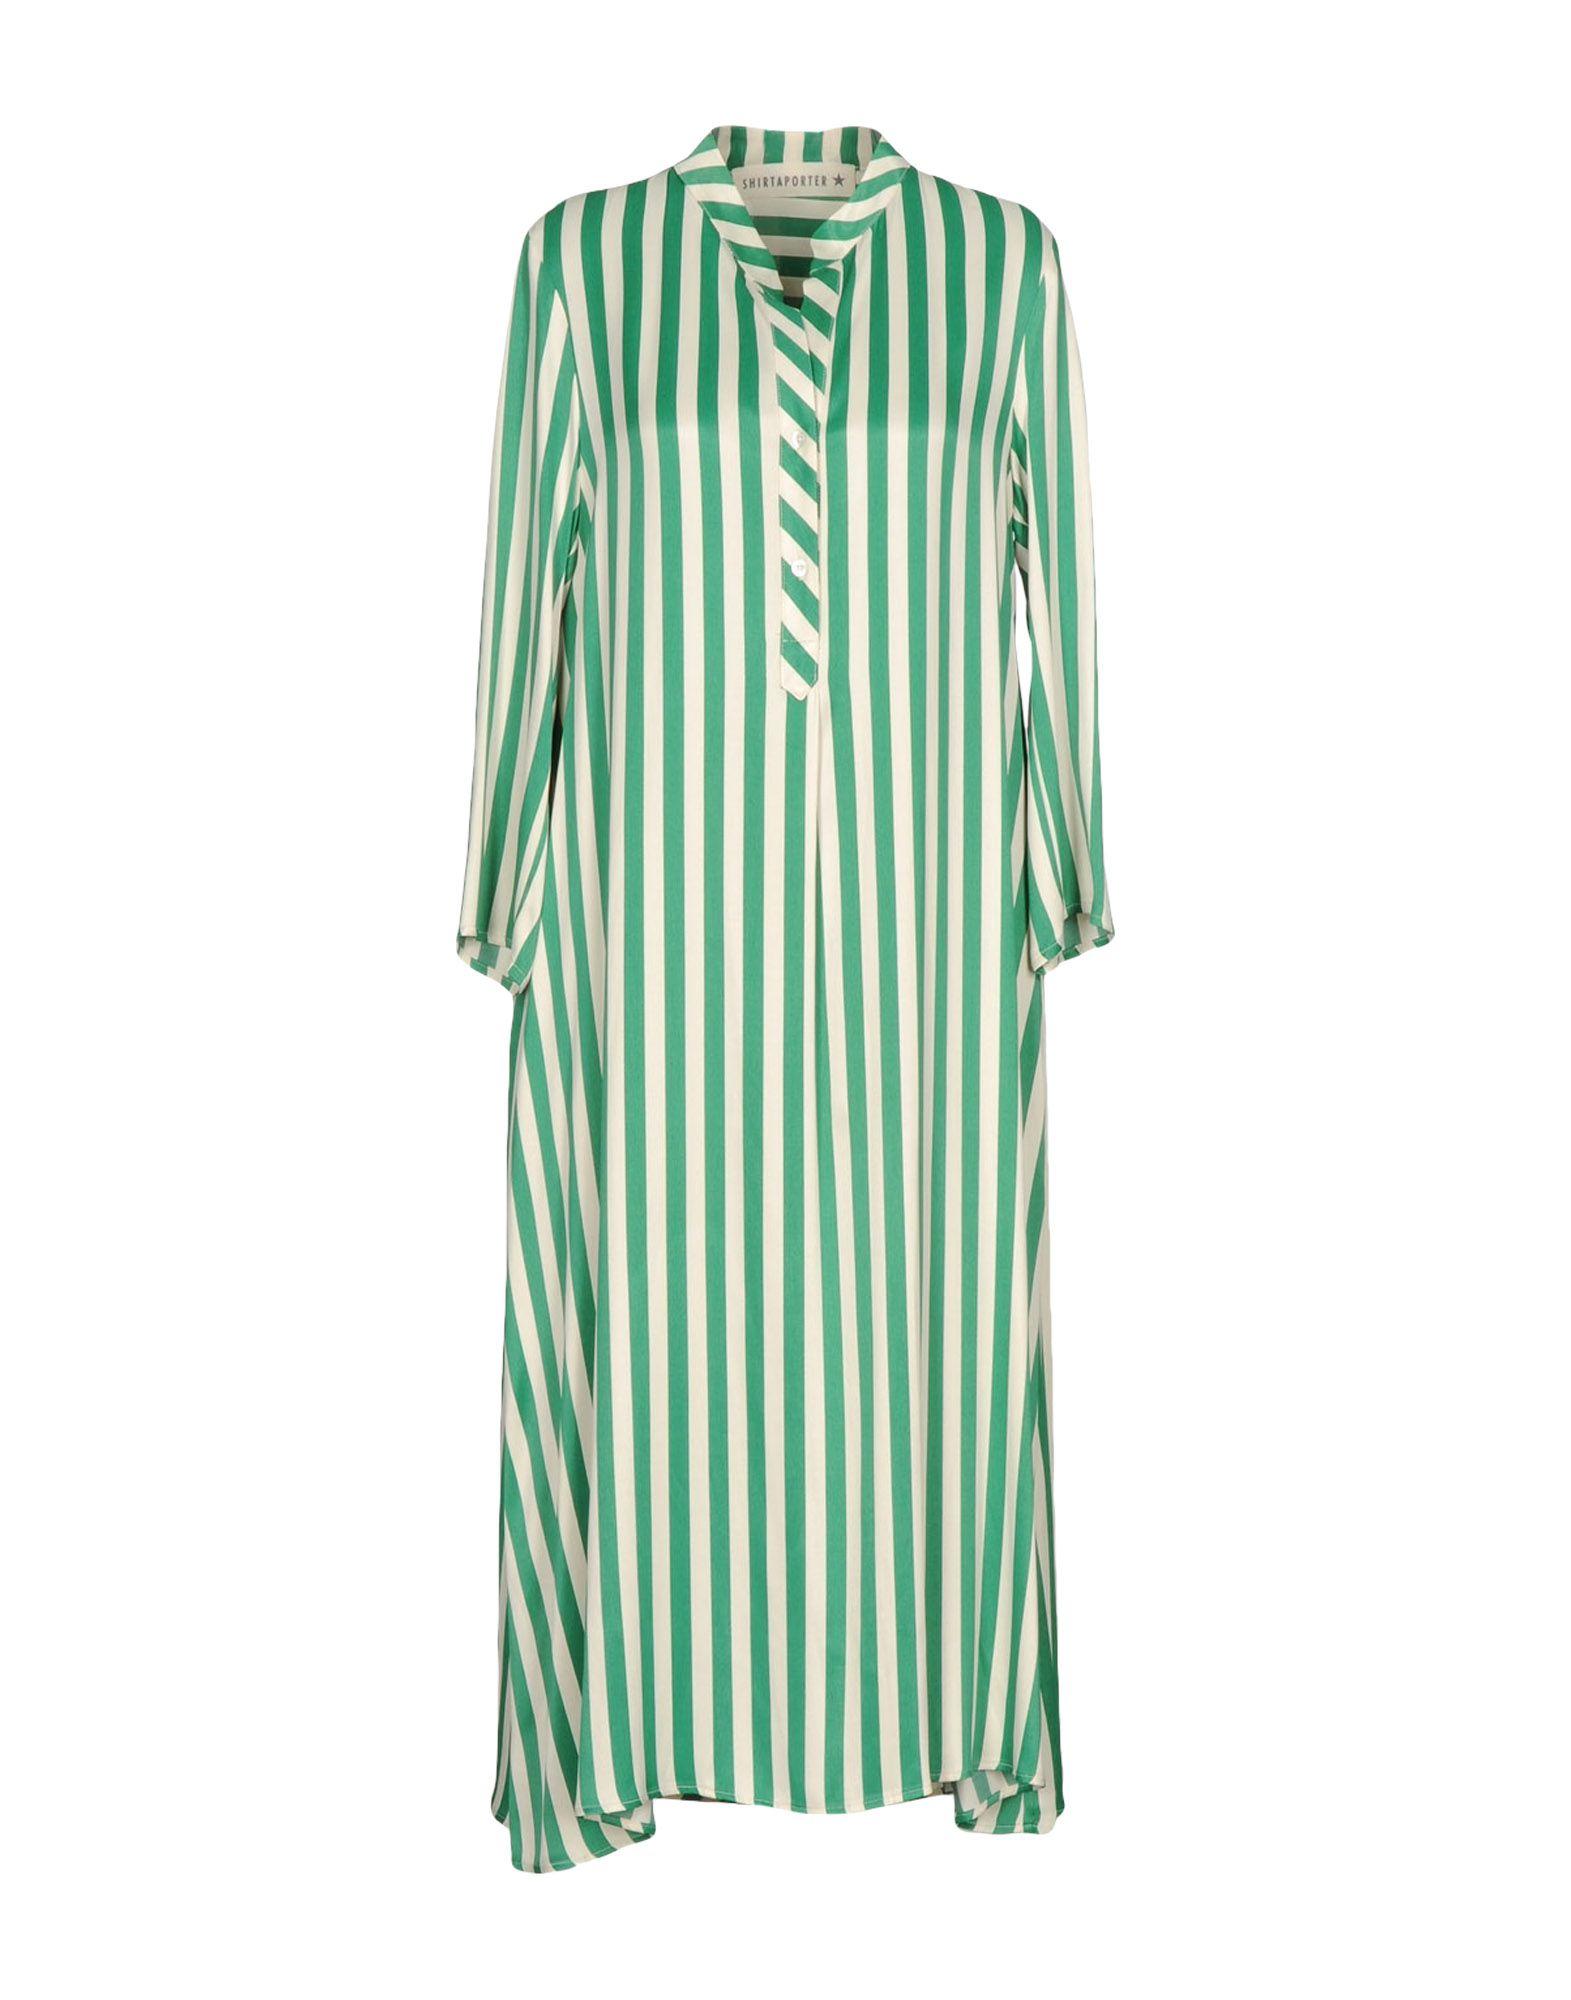 SHIRTAPORTER Платье длиной 3/4 hundreddresses платье длиной 3 4